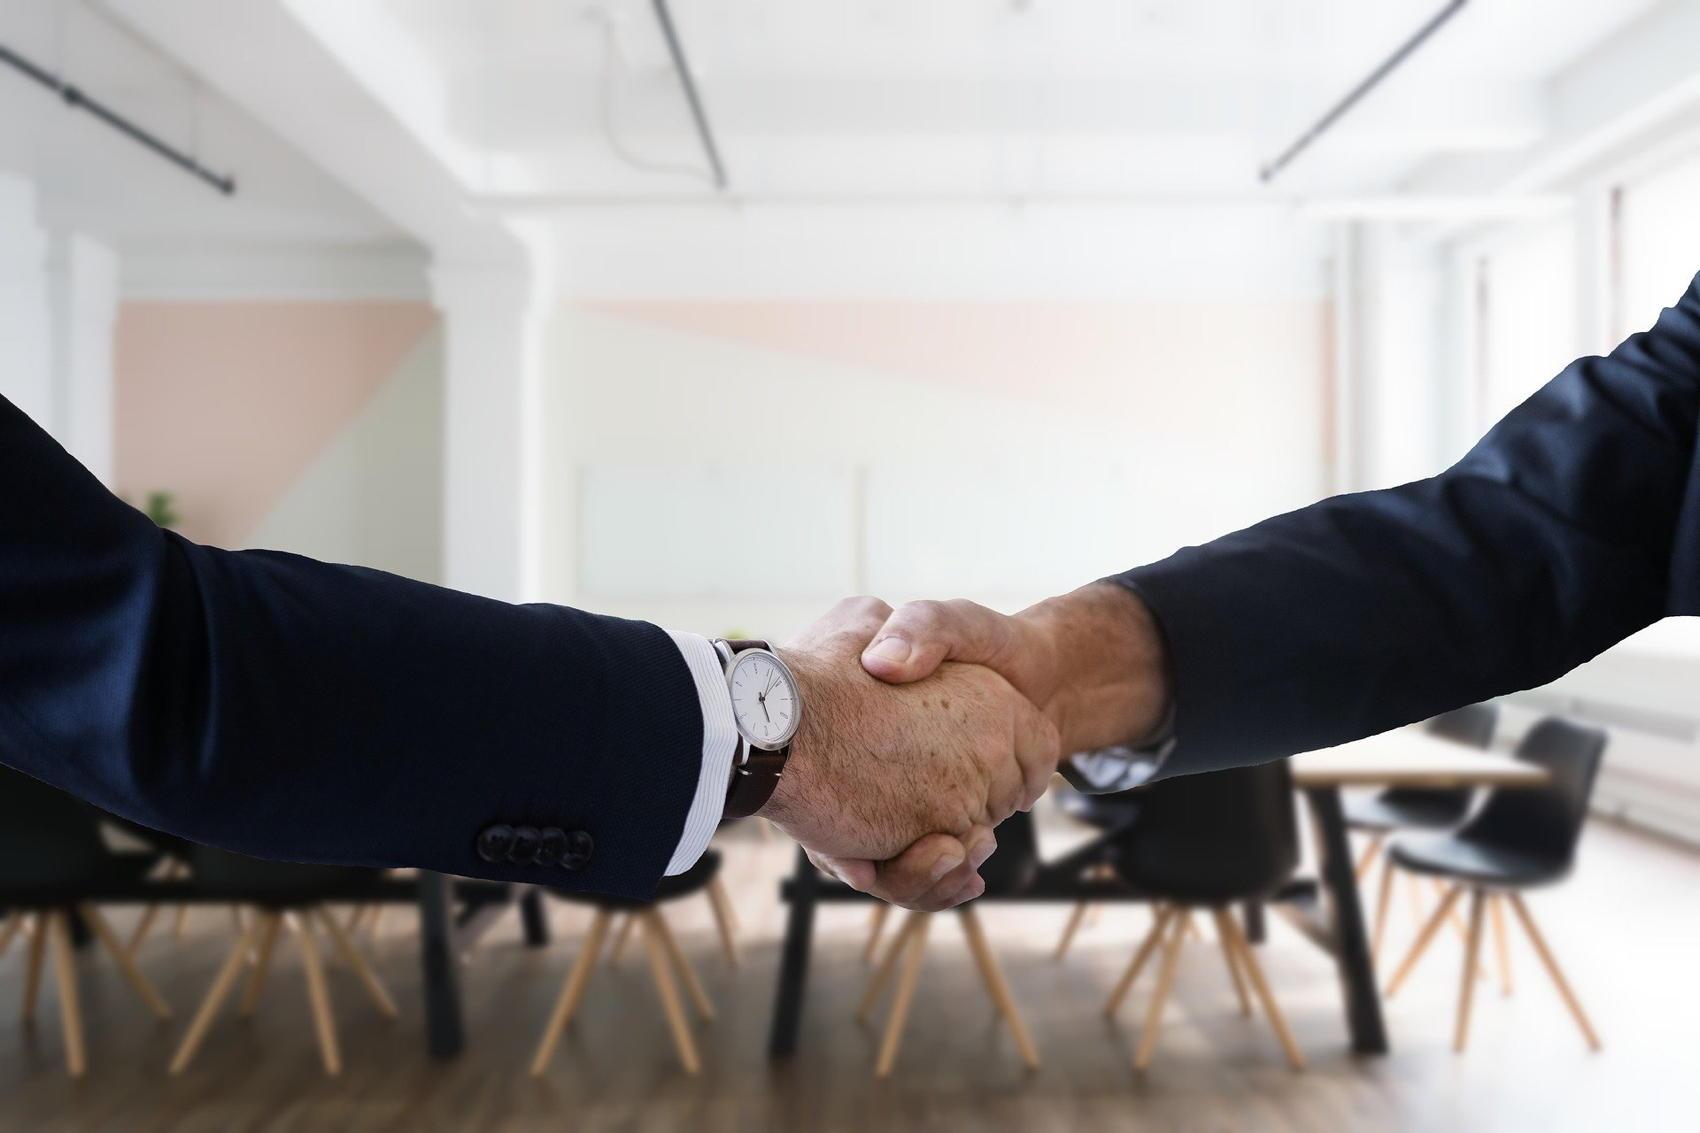 Job Interview Handshake - Image by Tumisu